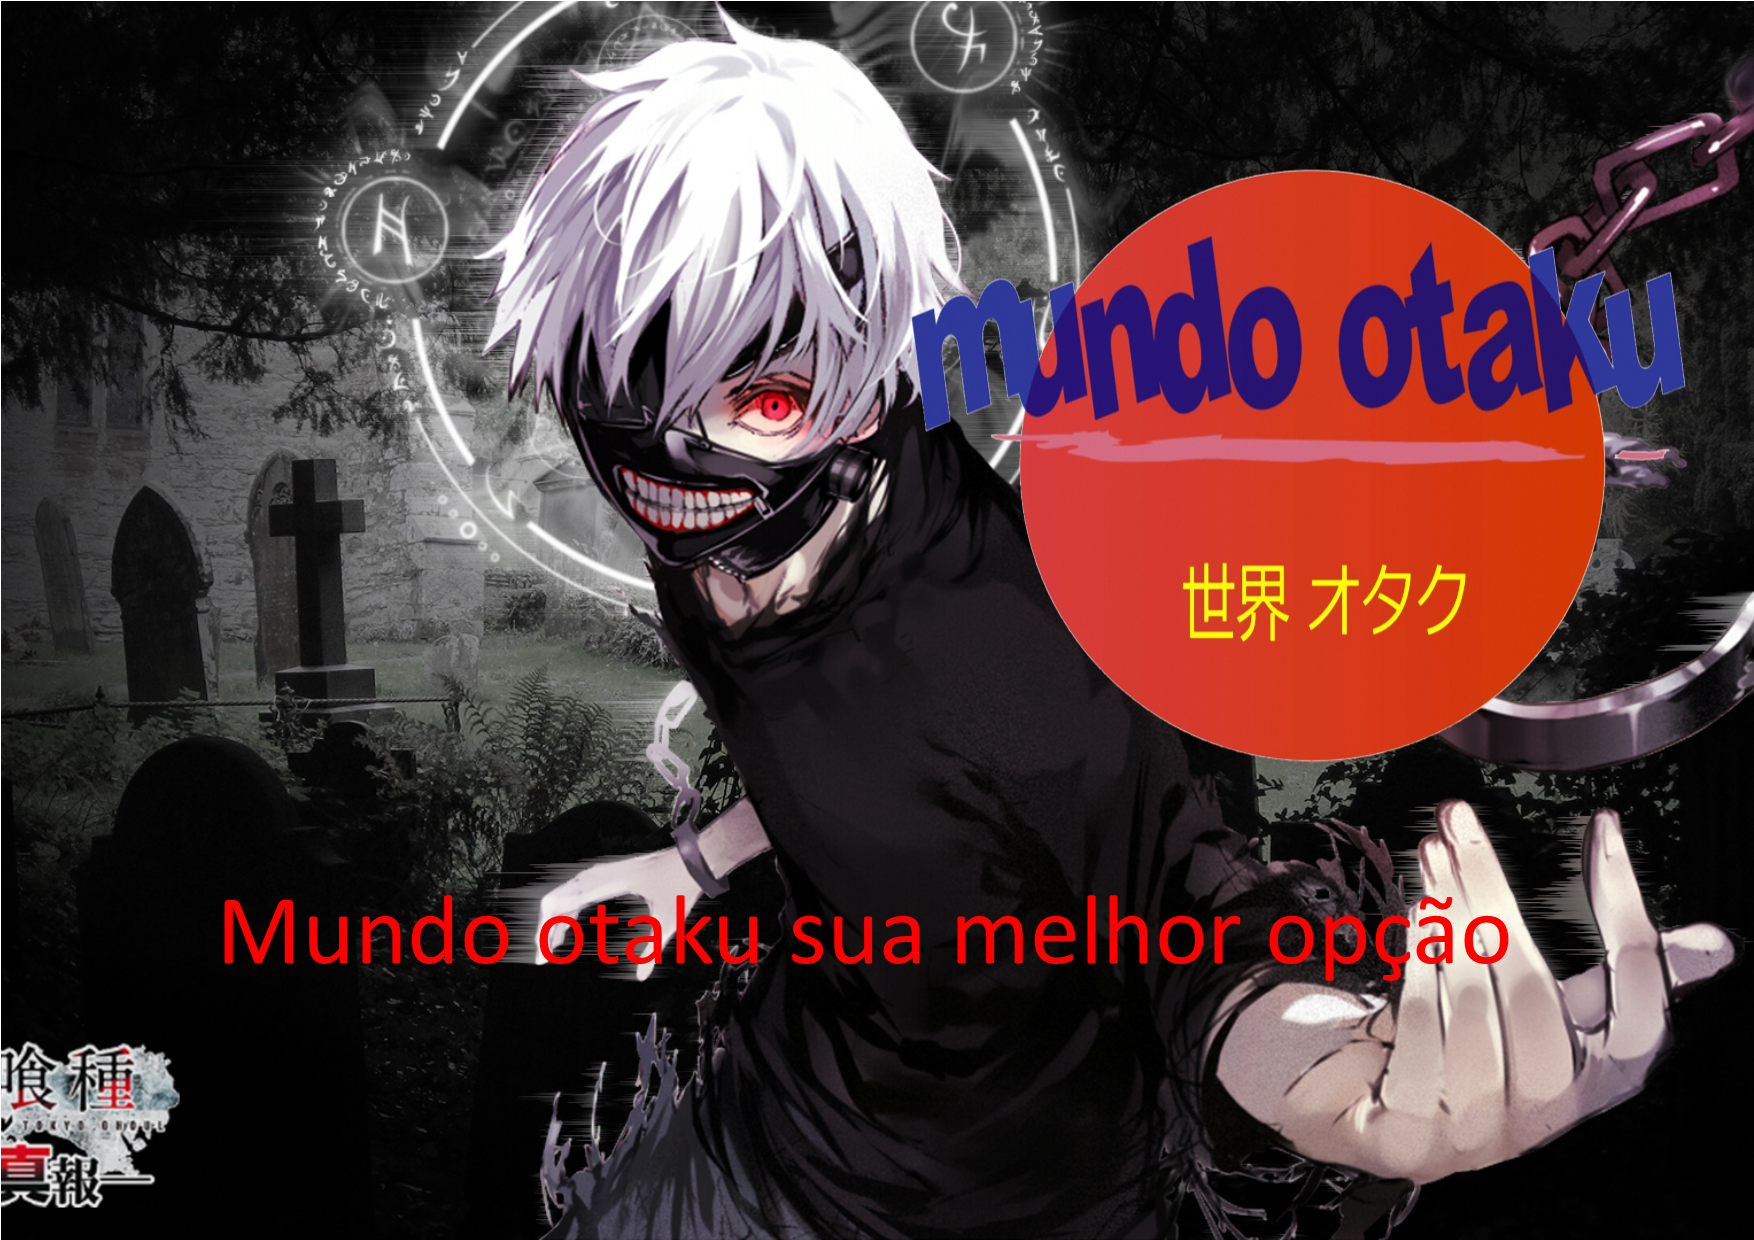 compre seus animes no mundo otaku ou   encomende o seu favorito.